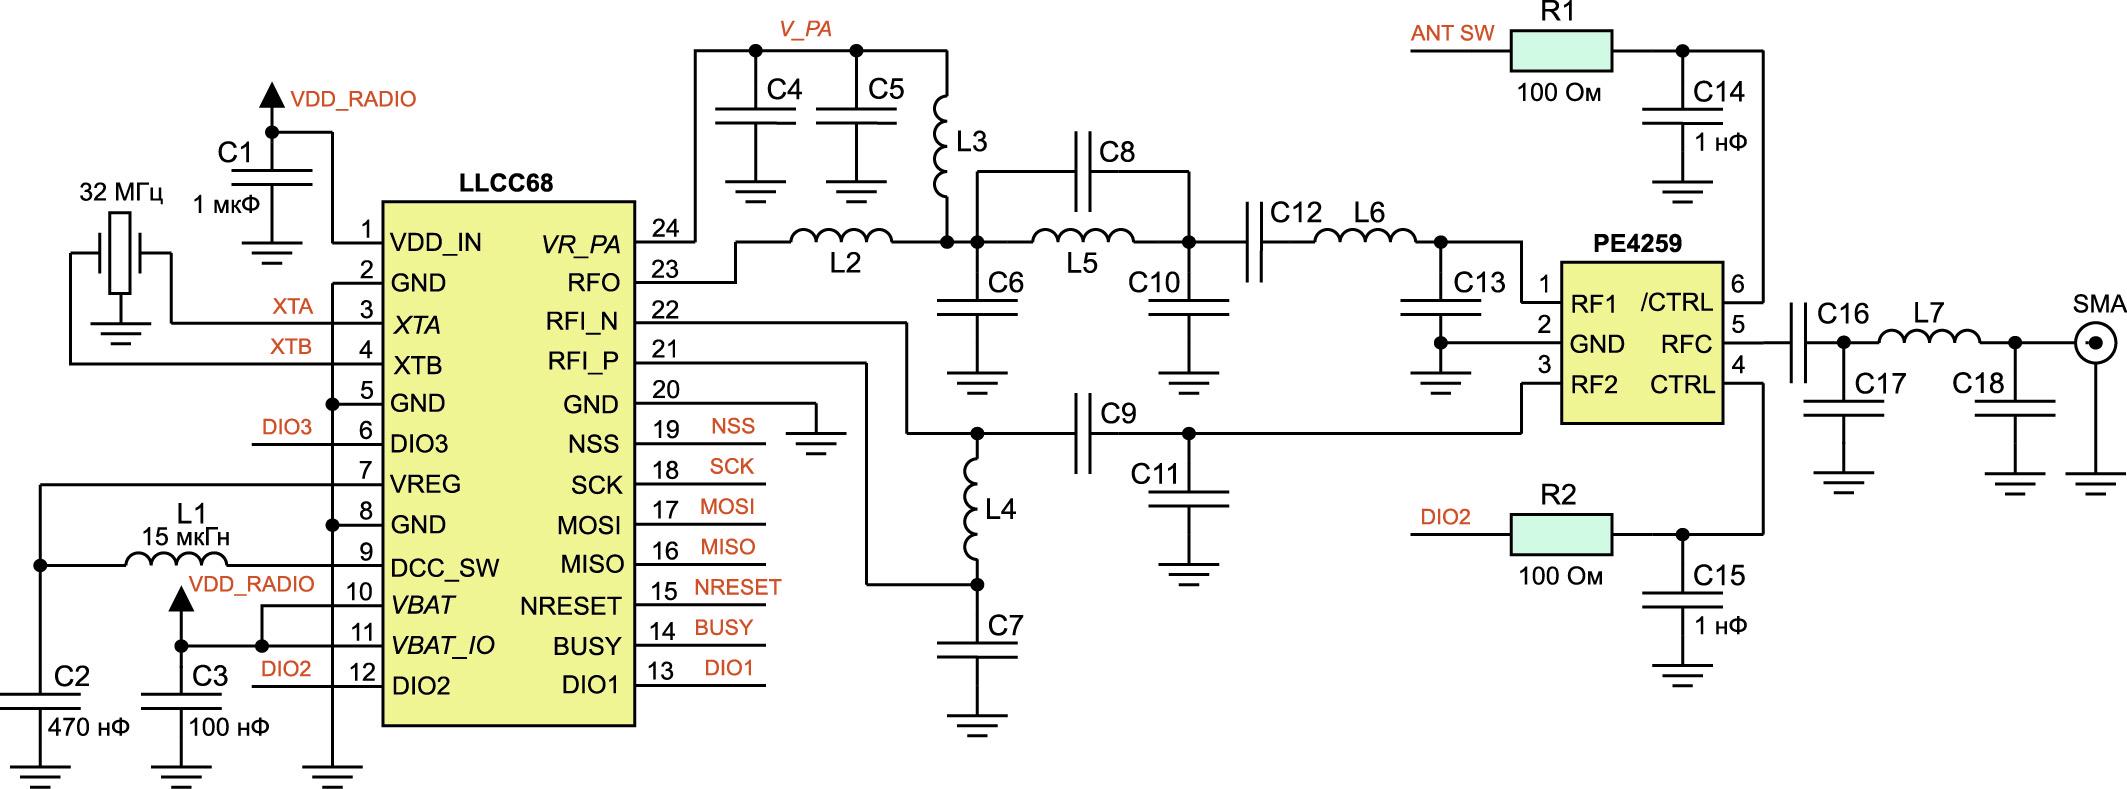 Типовая схема использования трансивера LLCC68